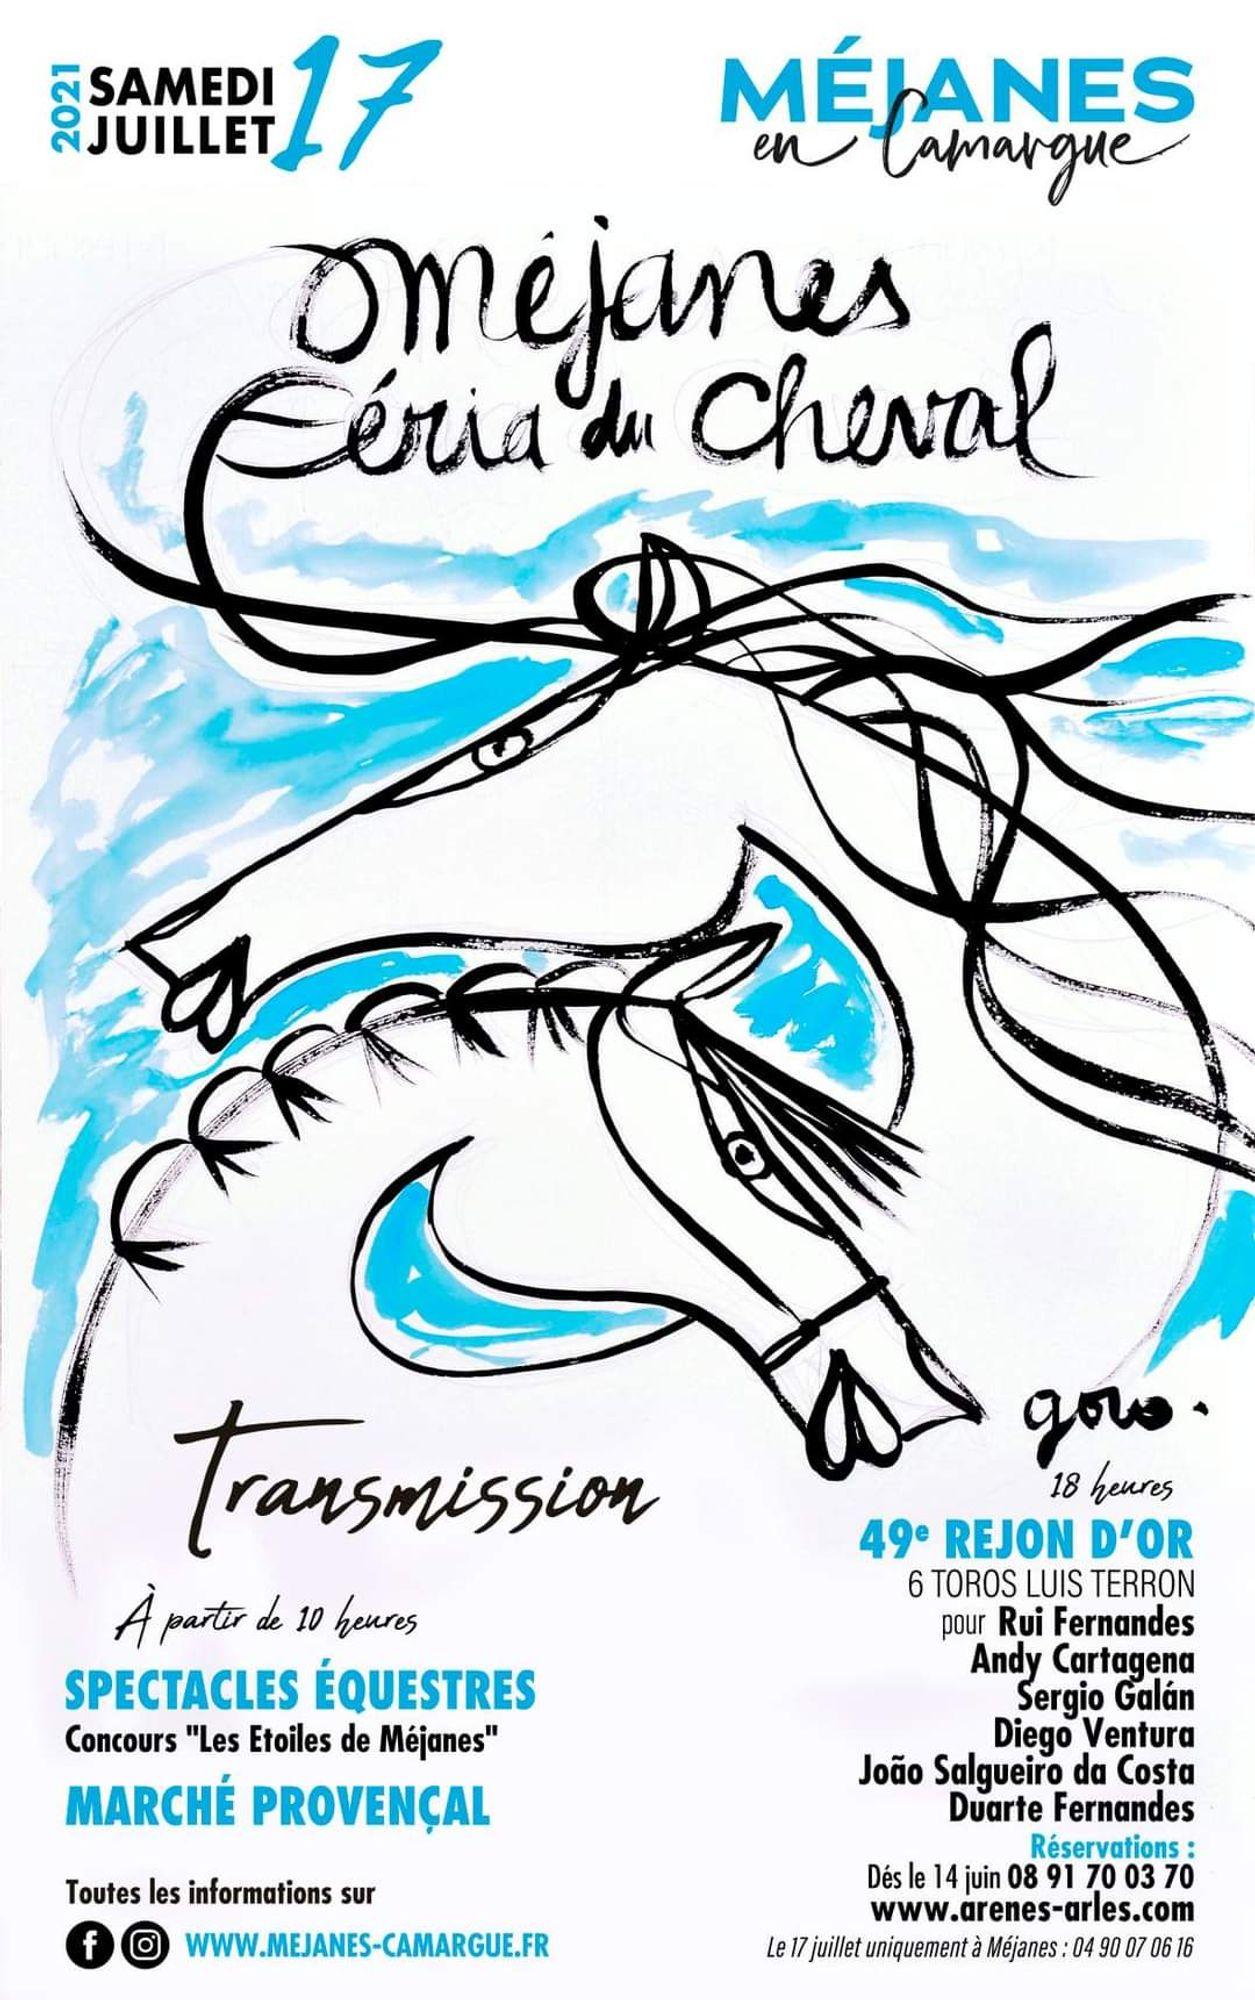 [ CULTURE/LOISIR ] Méjanes en Camargue: La féria et le 49ème Réjon d'Or c'est ce samedi 17 juillet